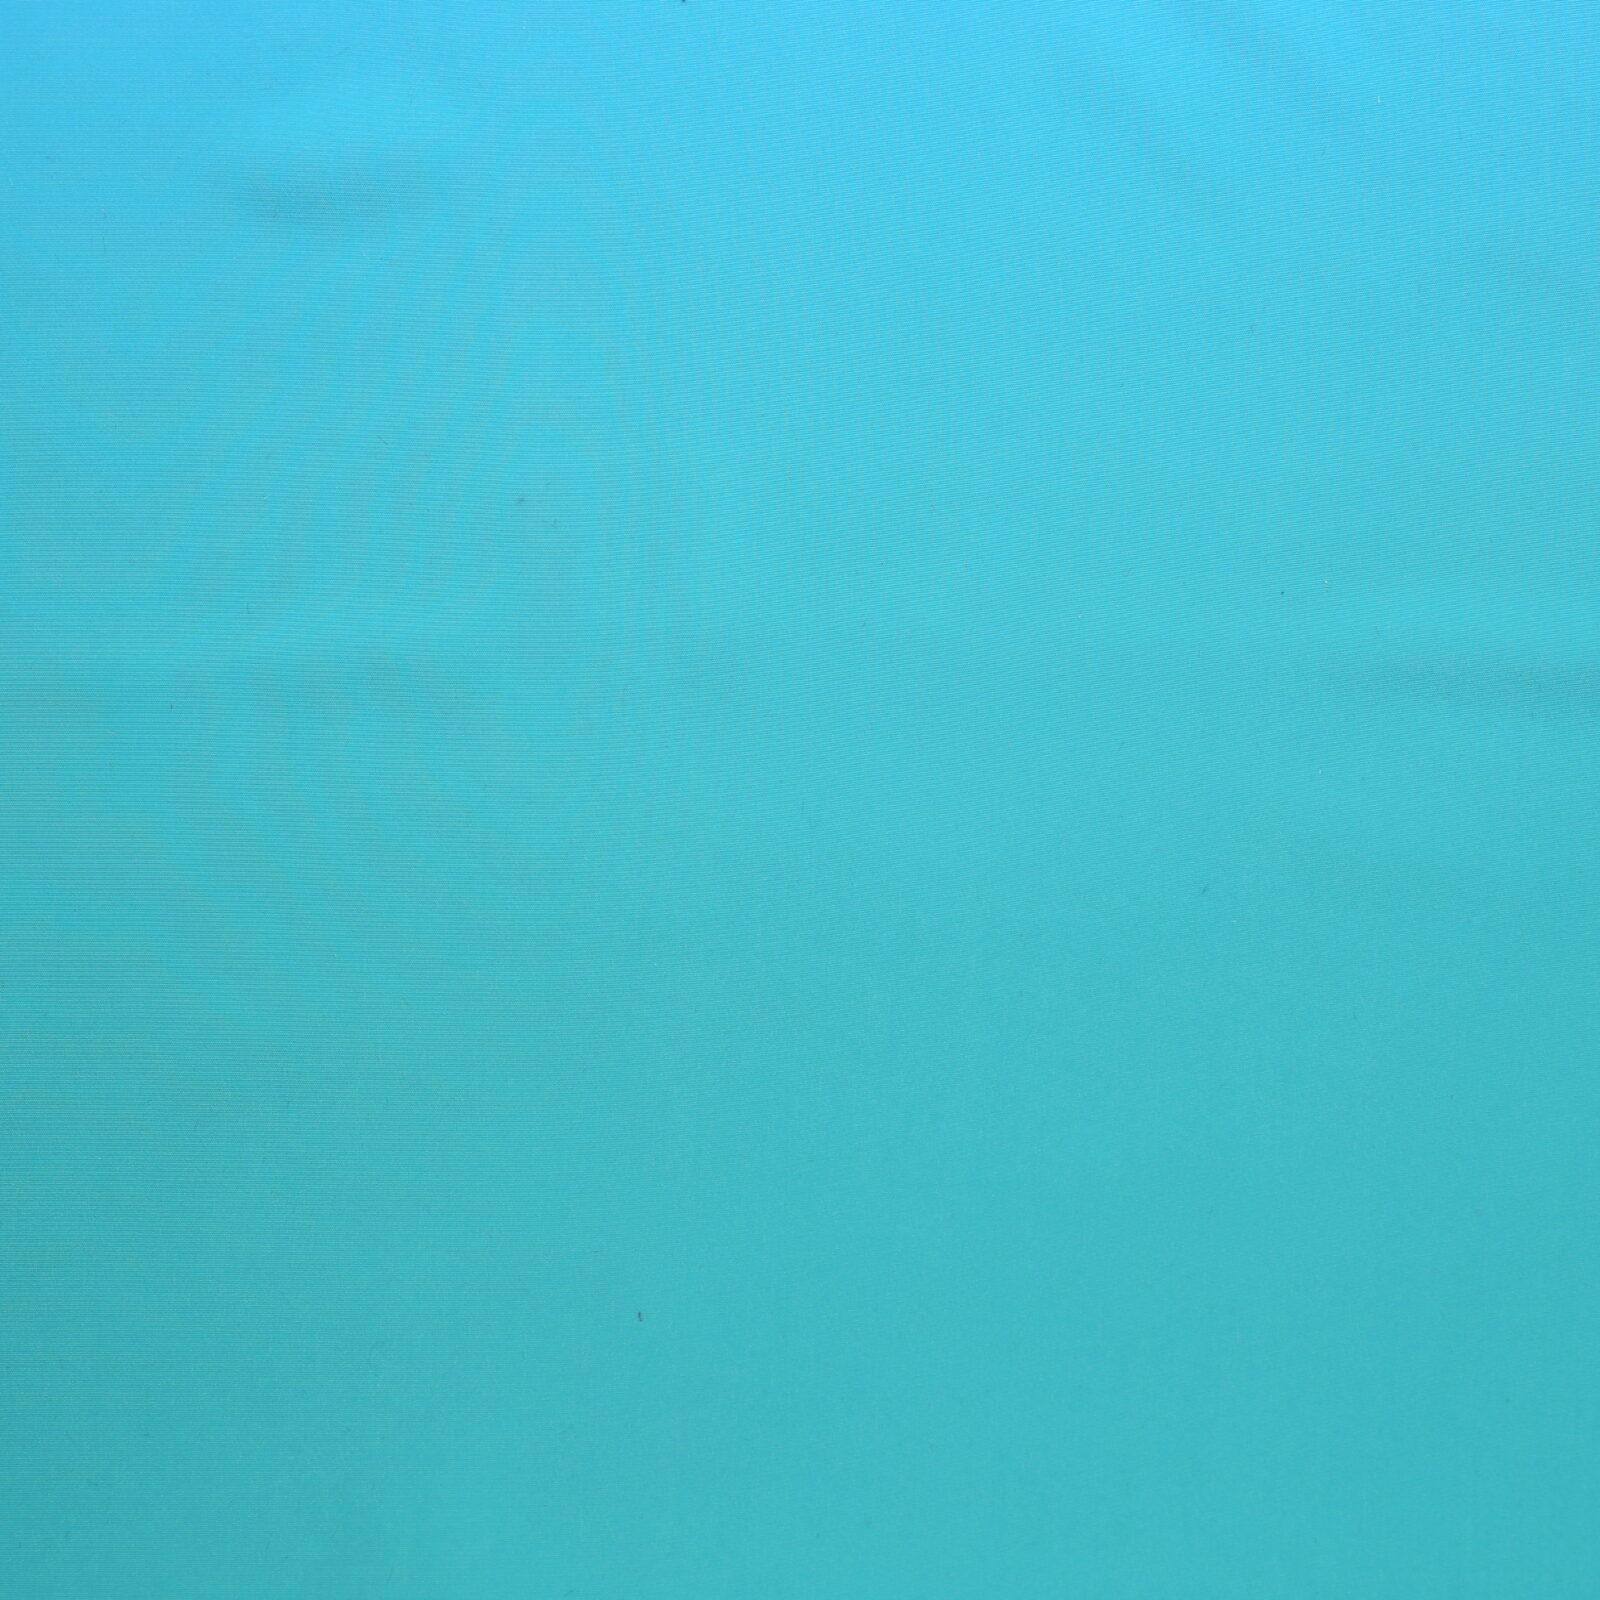 NCI-BLUE-DECHIN